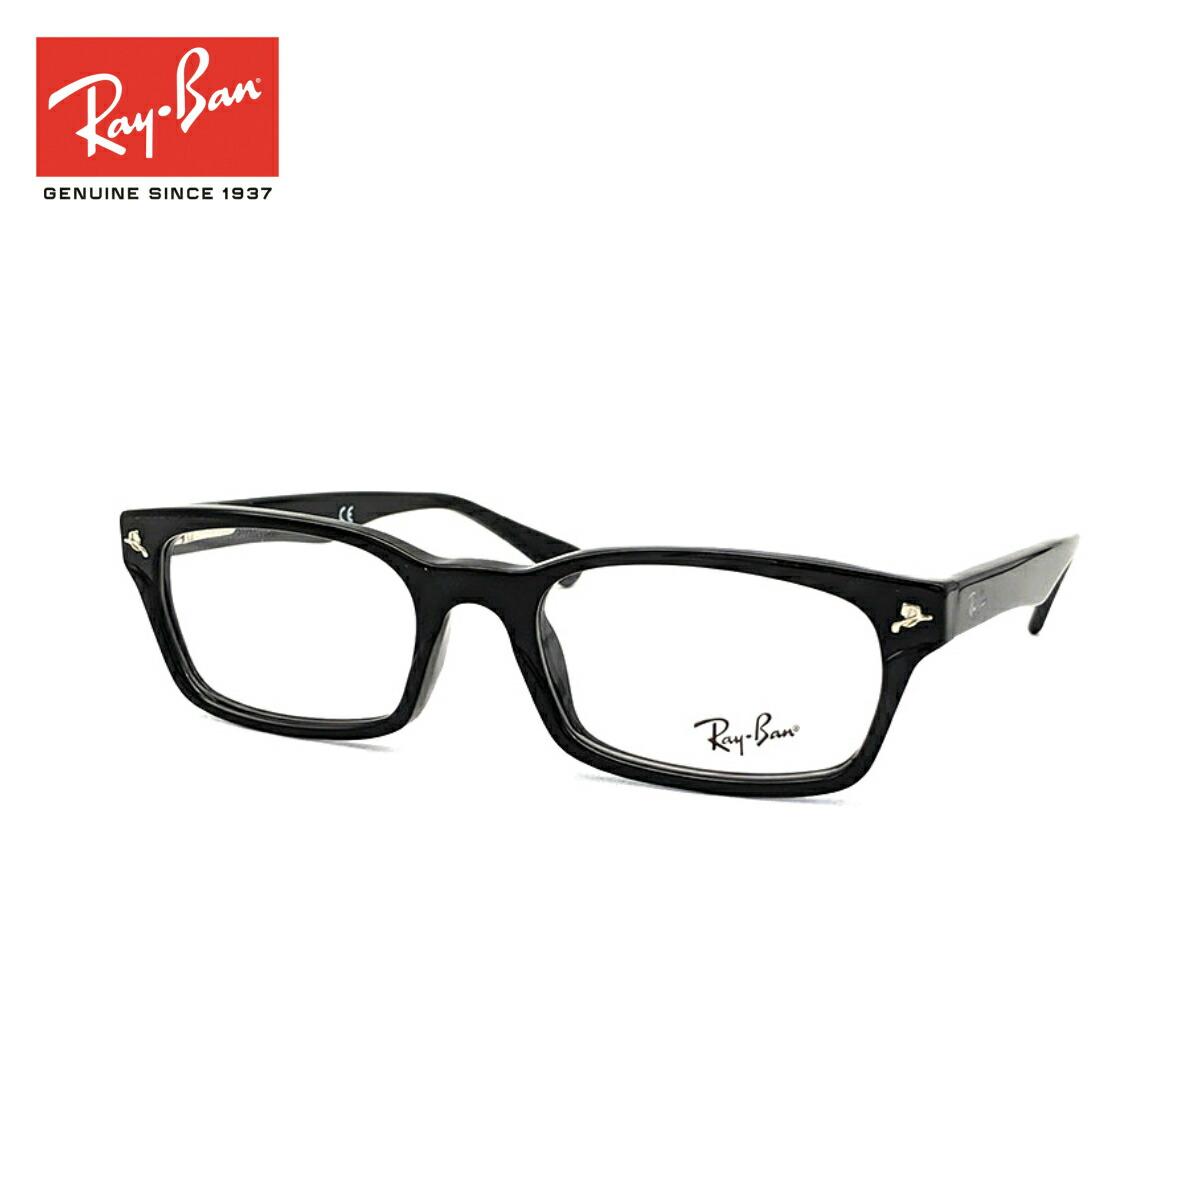 レイバン メガネ フレーム RayBan RX5017A (RB5017A) 2000 アジアンフィット 眼鏡 めがね 度付き対応 送料無料 定番 人気 オススメ 黒縁 黒 スクエア シャープ ビジネス カジュアル メンズ レディース 男性 女性 父の日 プレゼント